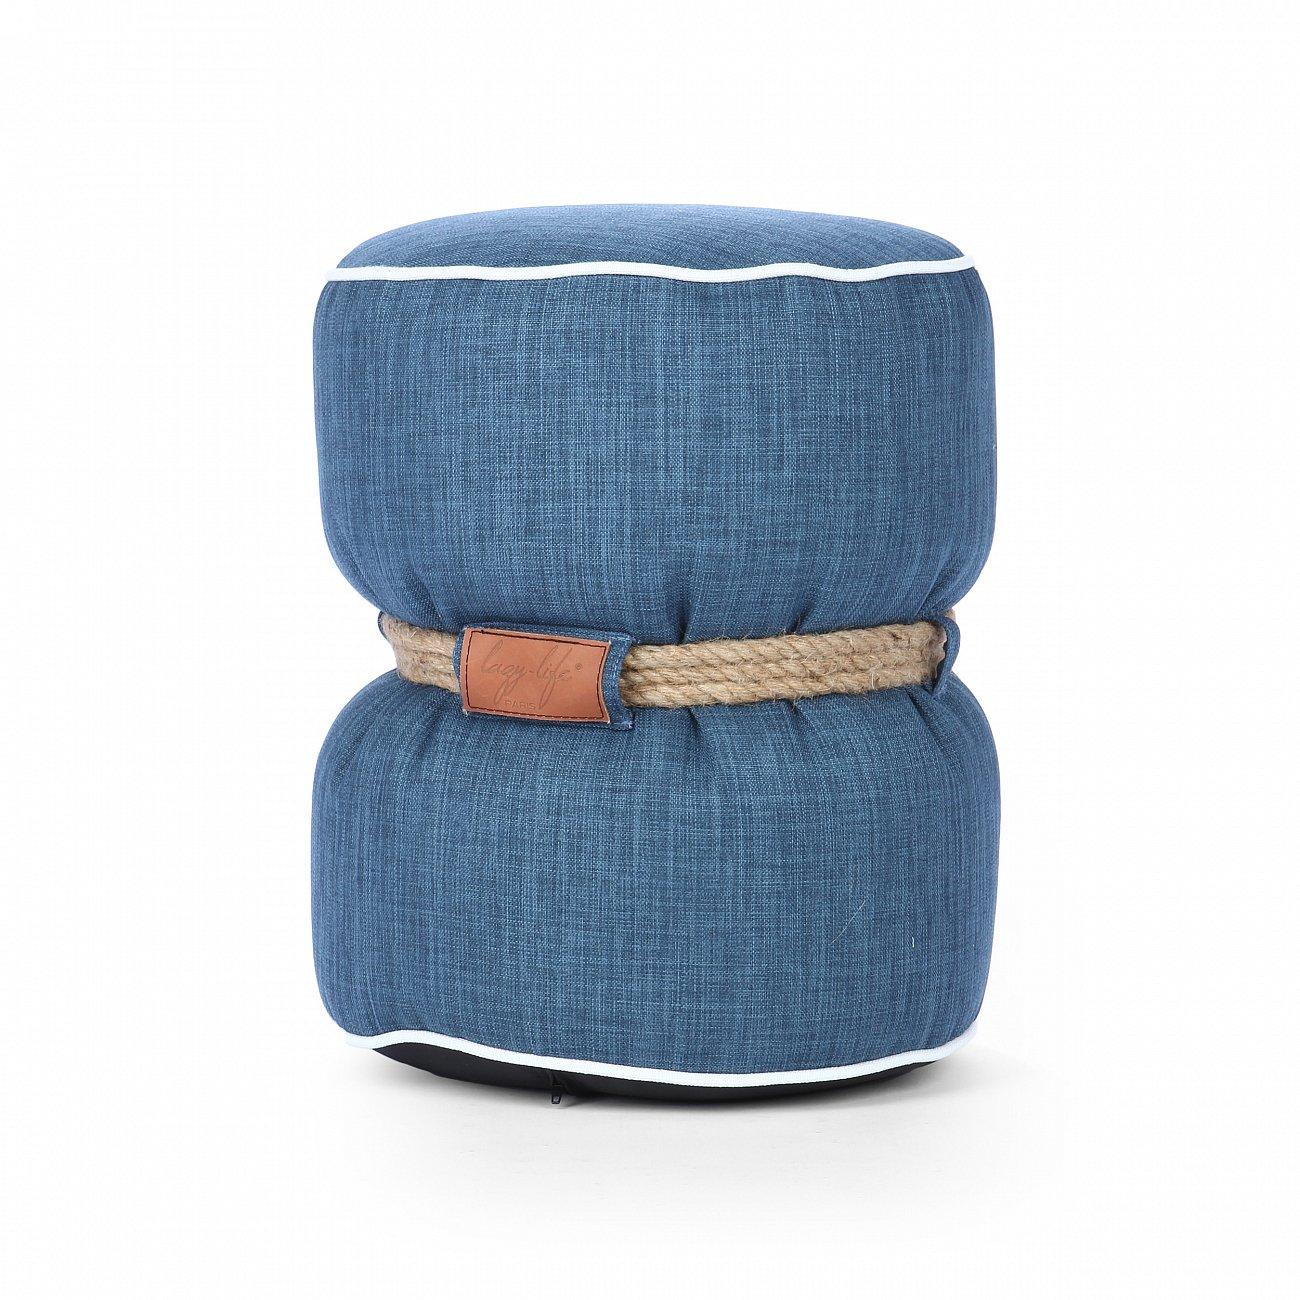 Купить Пуф Tam-Tam синий в интернет магазине дизайнерской мебели и аксессуаров для дома и дачи